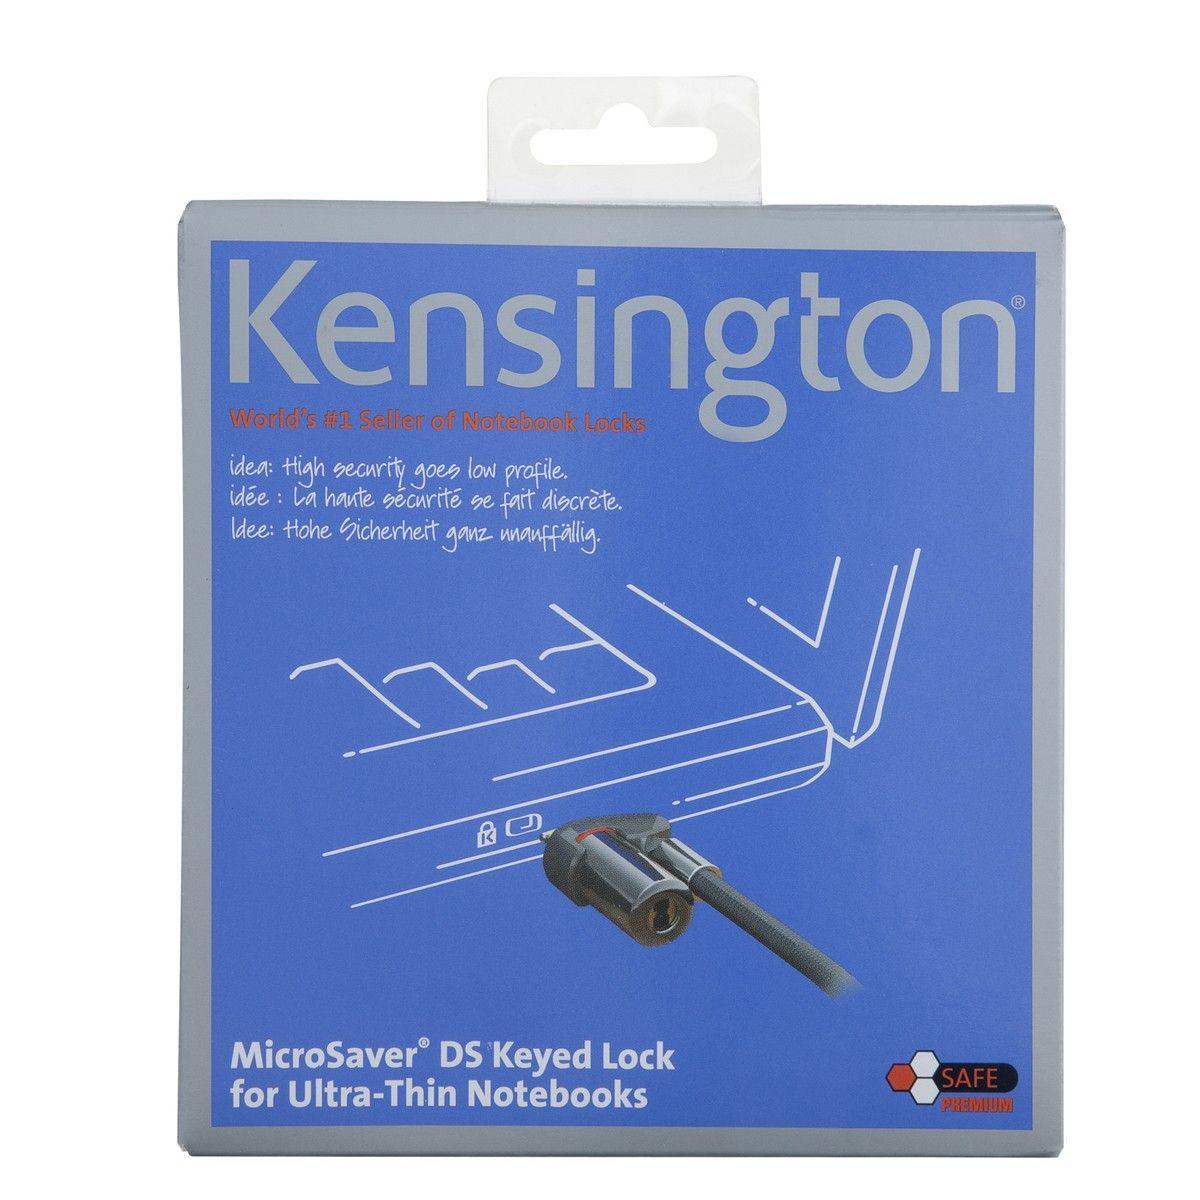 Trava Ultrafina com Cadeado Kensington Microsaver K64590BR 246743